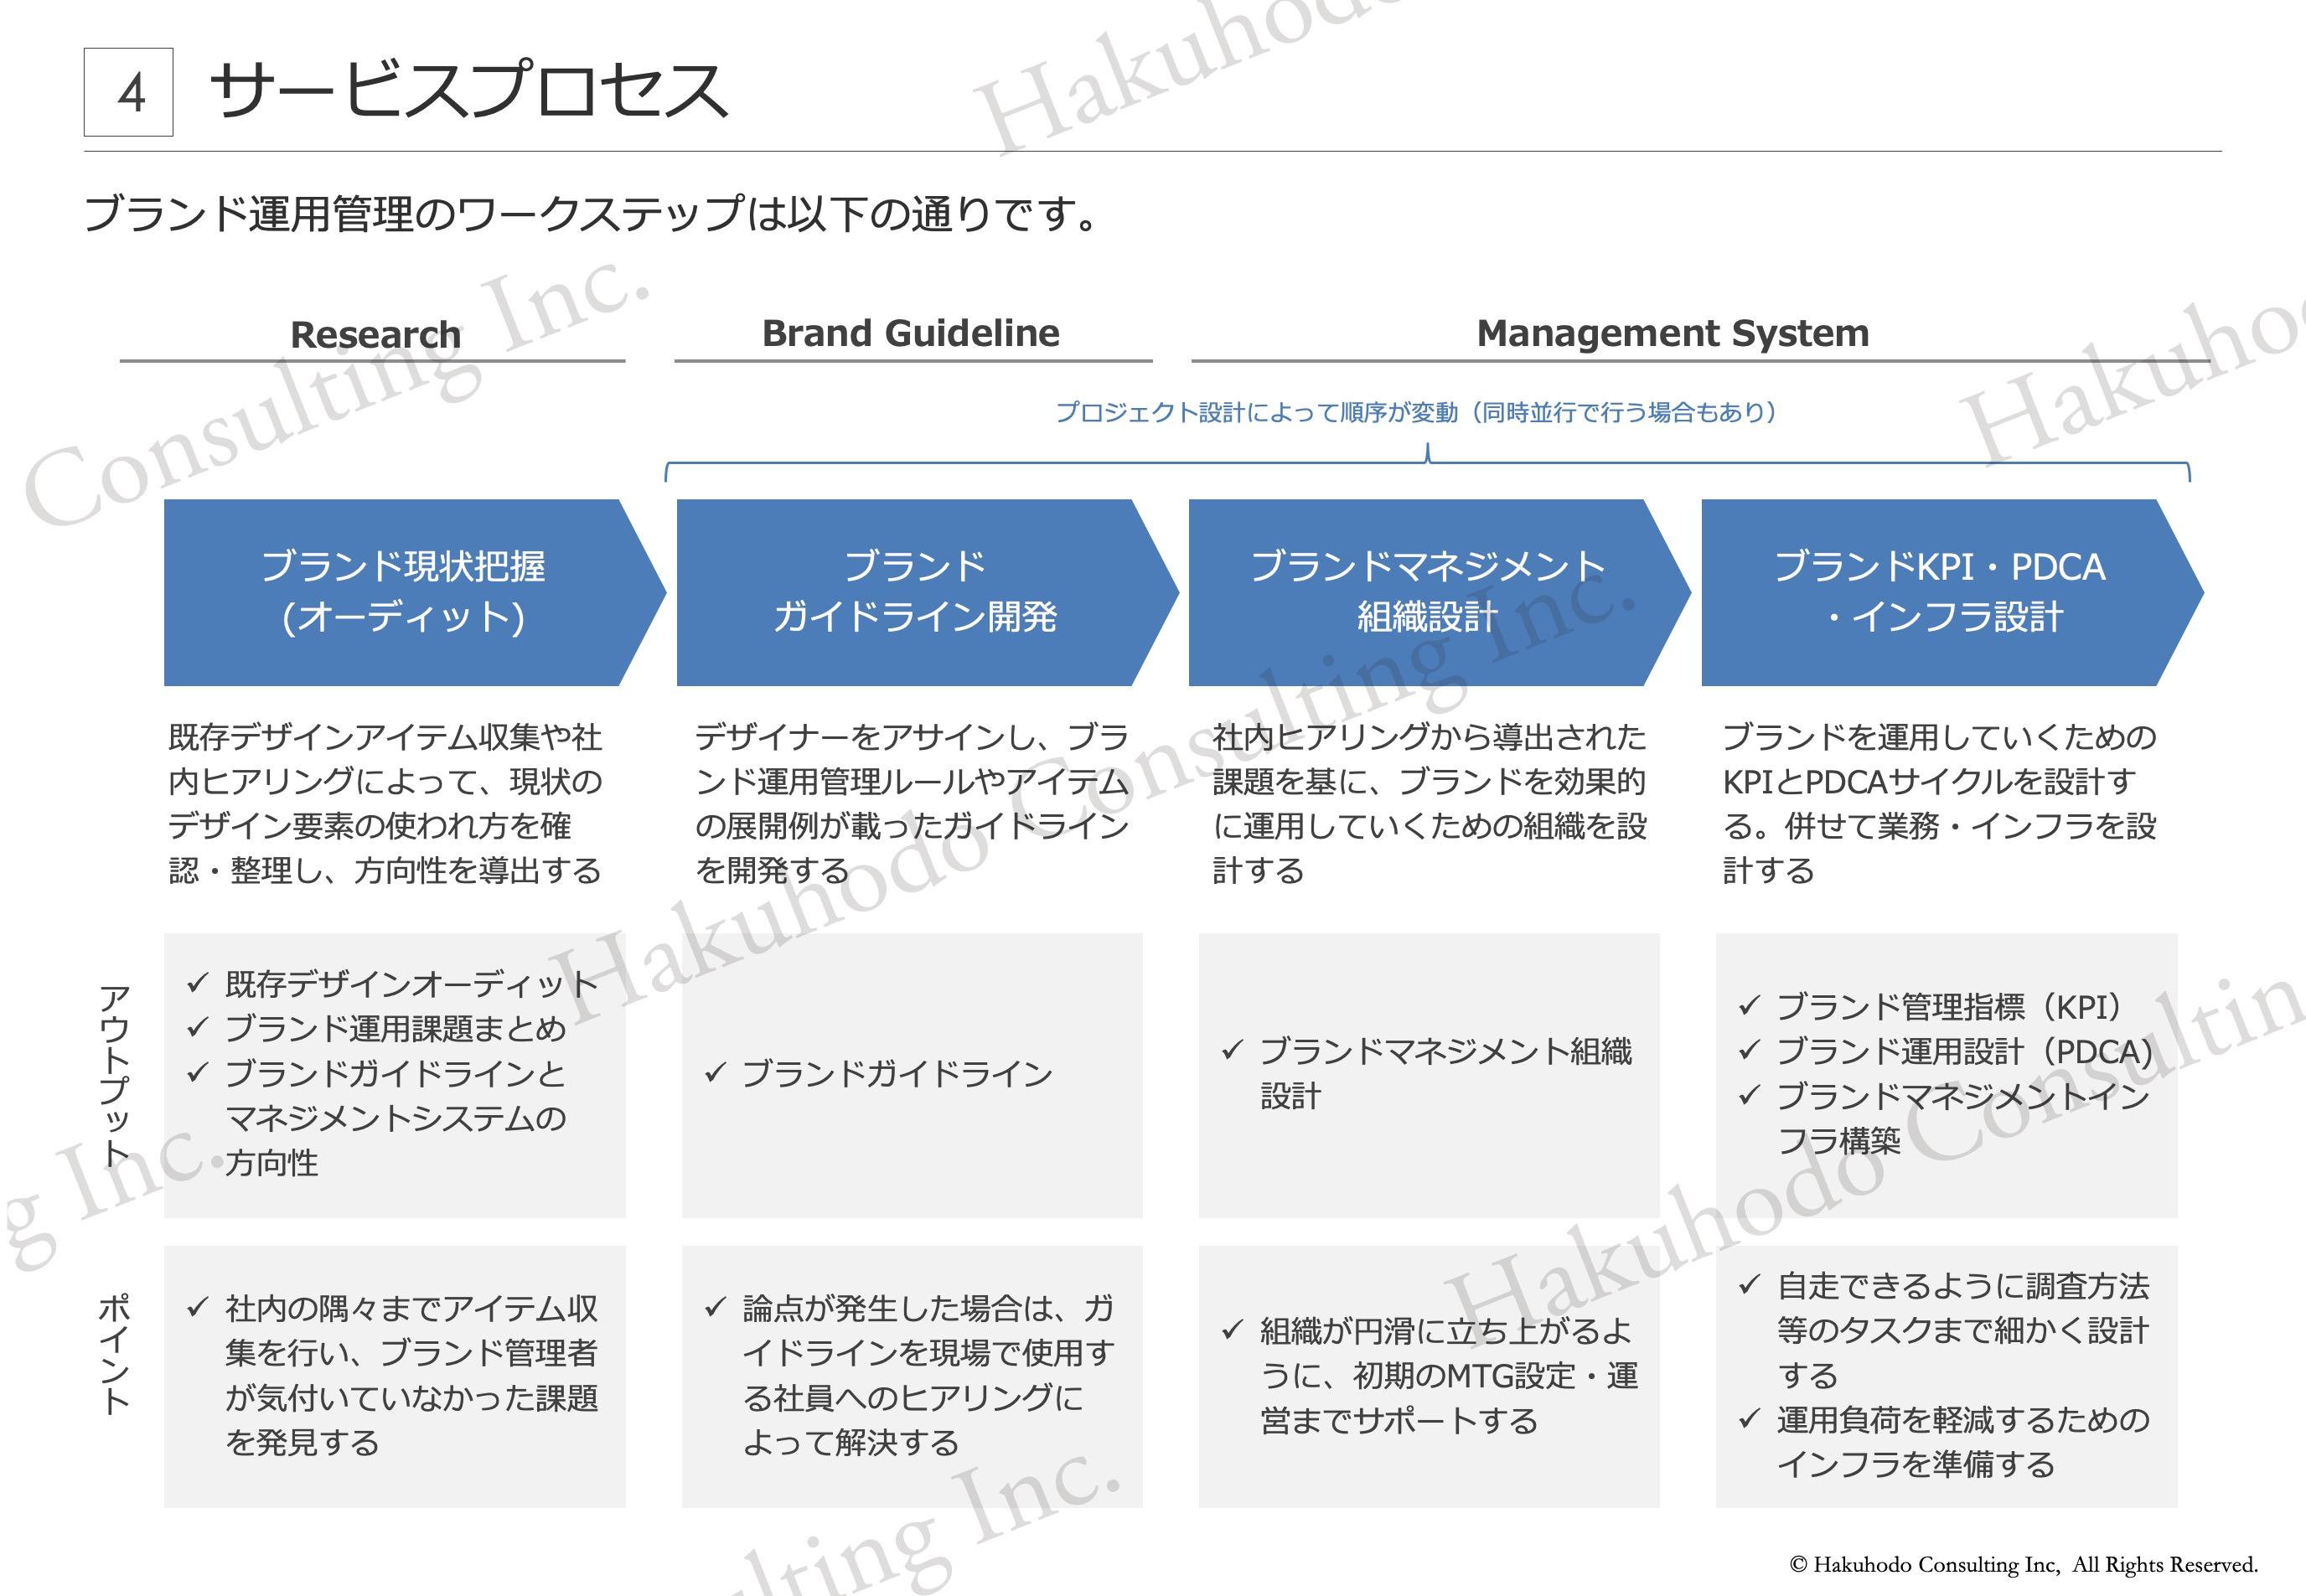 ブランド運用管理のワークステップは以下の通りです。ブランド現状把握(オーディット)ブランドガイドライン開発ブランドマネジメント組織設計ブランドKPI・PDCA・インフラ設計